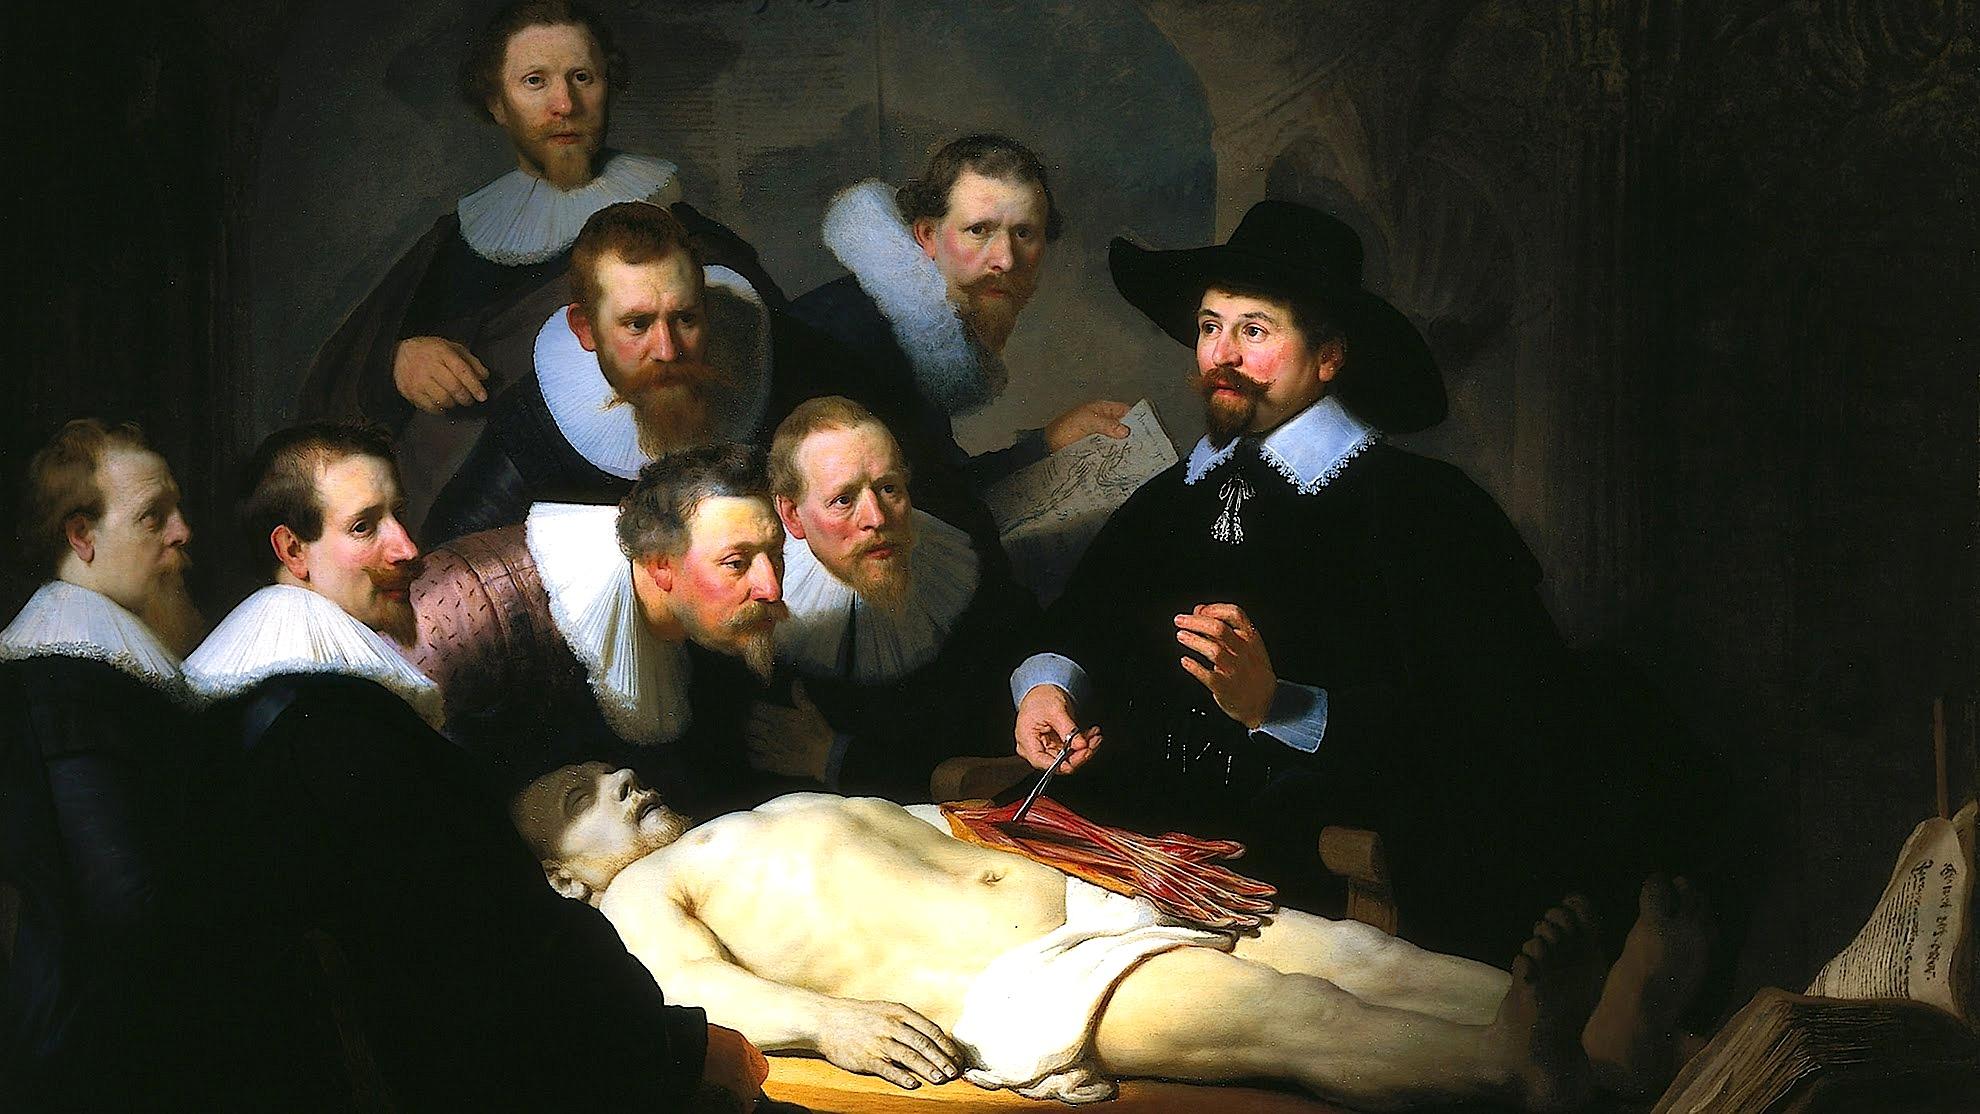 Rembrand - Leksioni i Anatomisë i Dr. Nicolaes Tulp